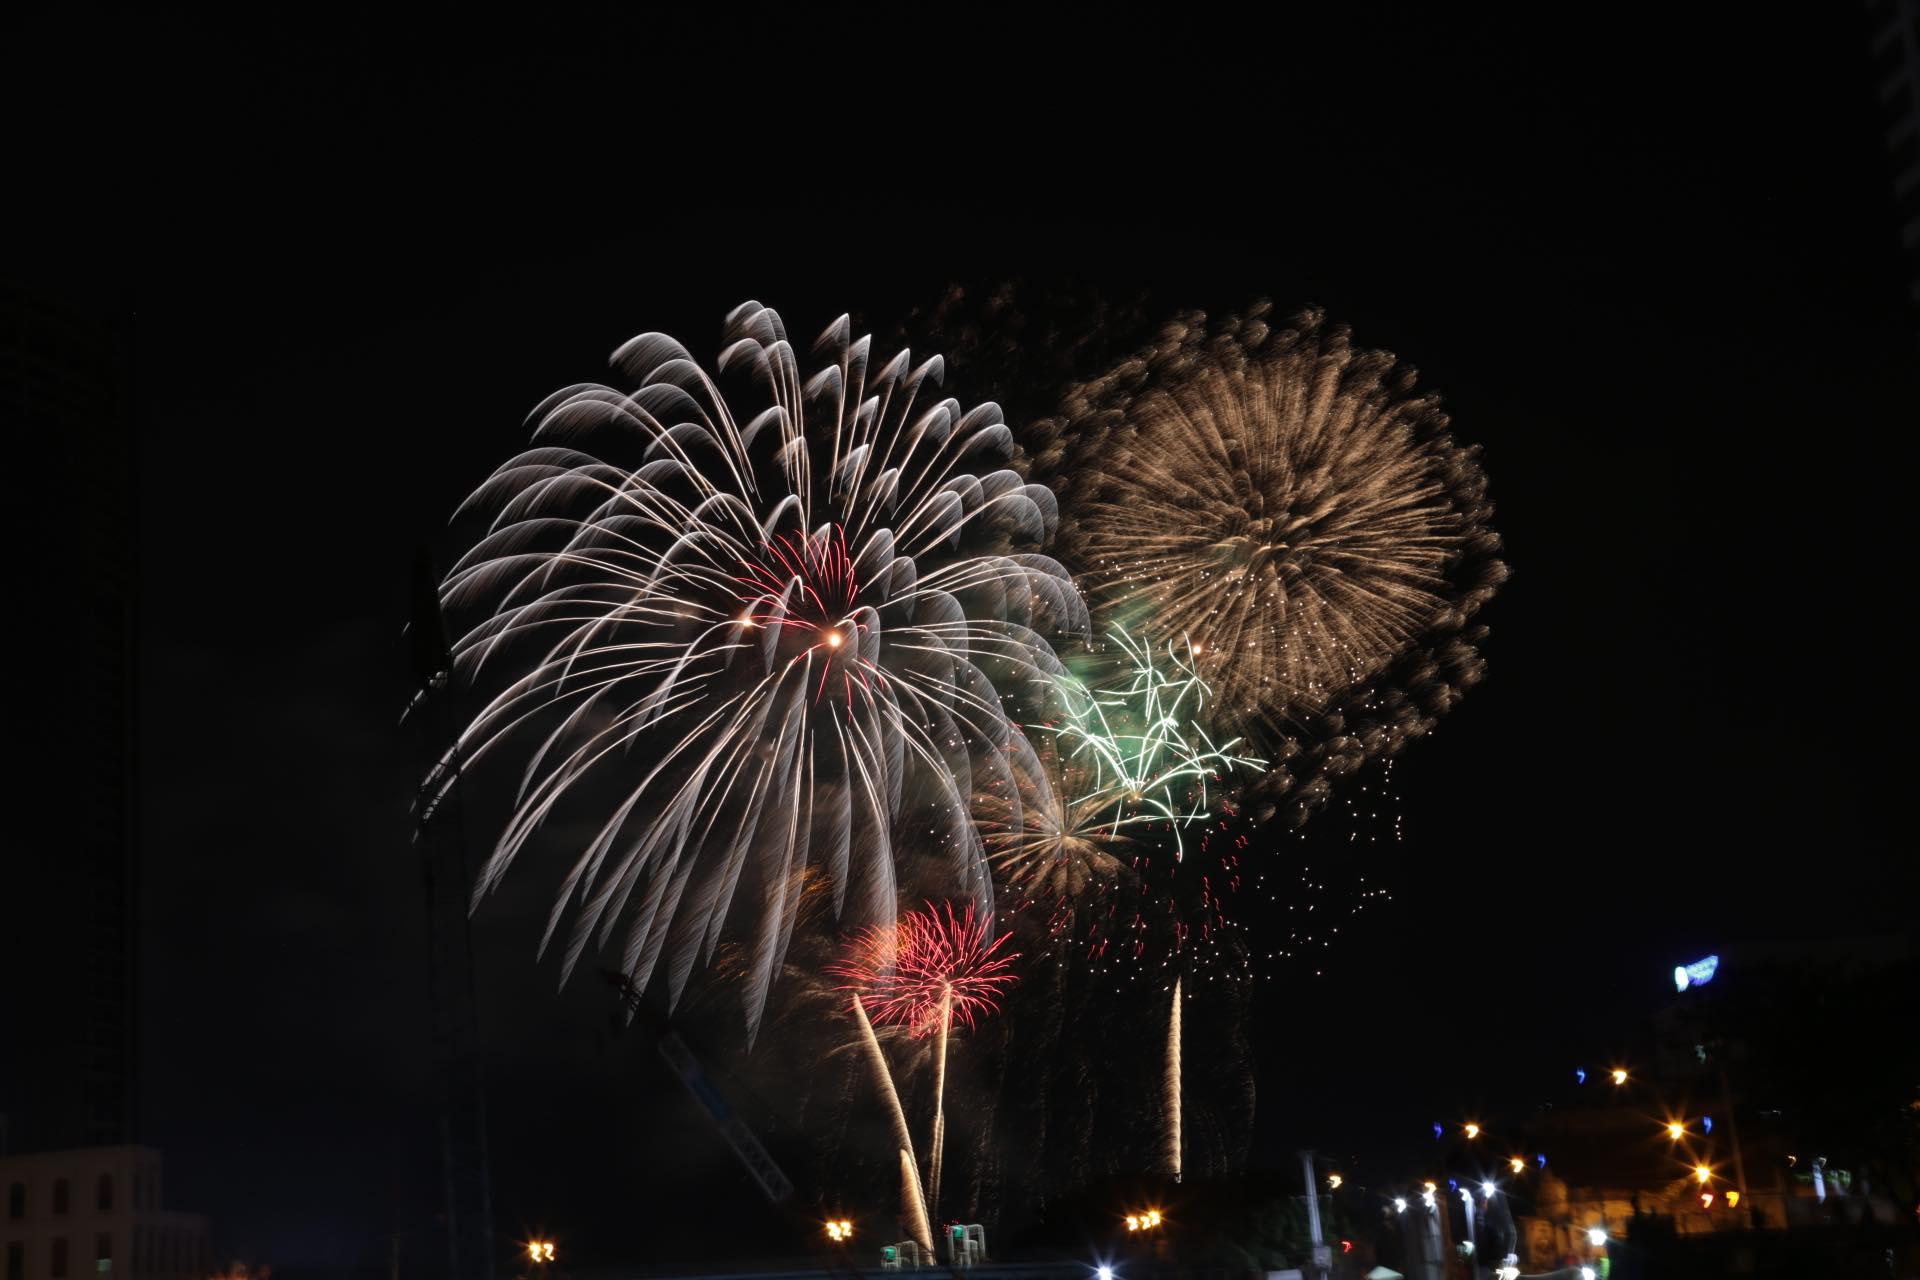 Pháo hoa rực sáng đẹp hút hồn trên bầu trời Sài Gòn, ngàn người vỗ tay tán thưởng - 3